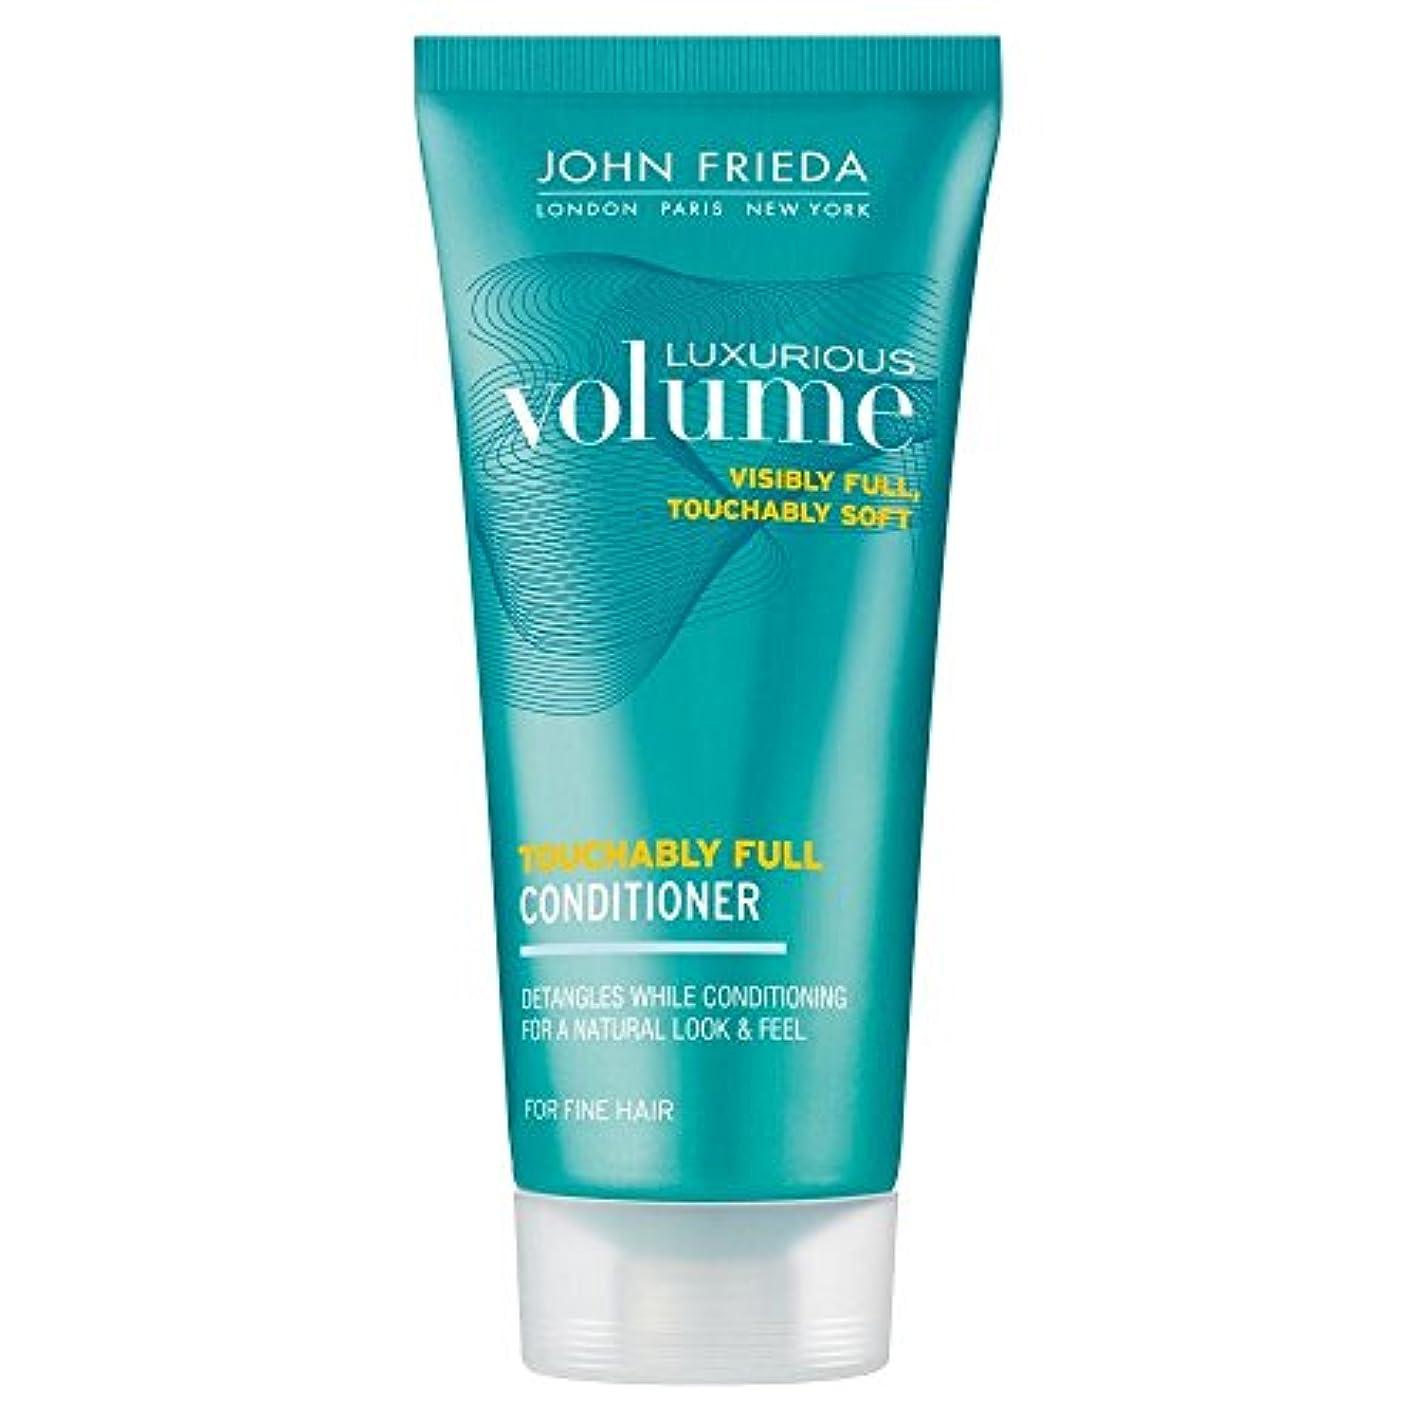 悲観的ひまわり暴行John Frieda Luxurious Volume Thickening Conditioner (50ml) ジョン?フリーダ豪華なボリューム増粘コンディショナー( 50ミリリットル) [並行輸入品]